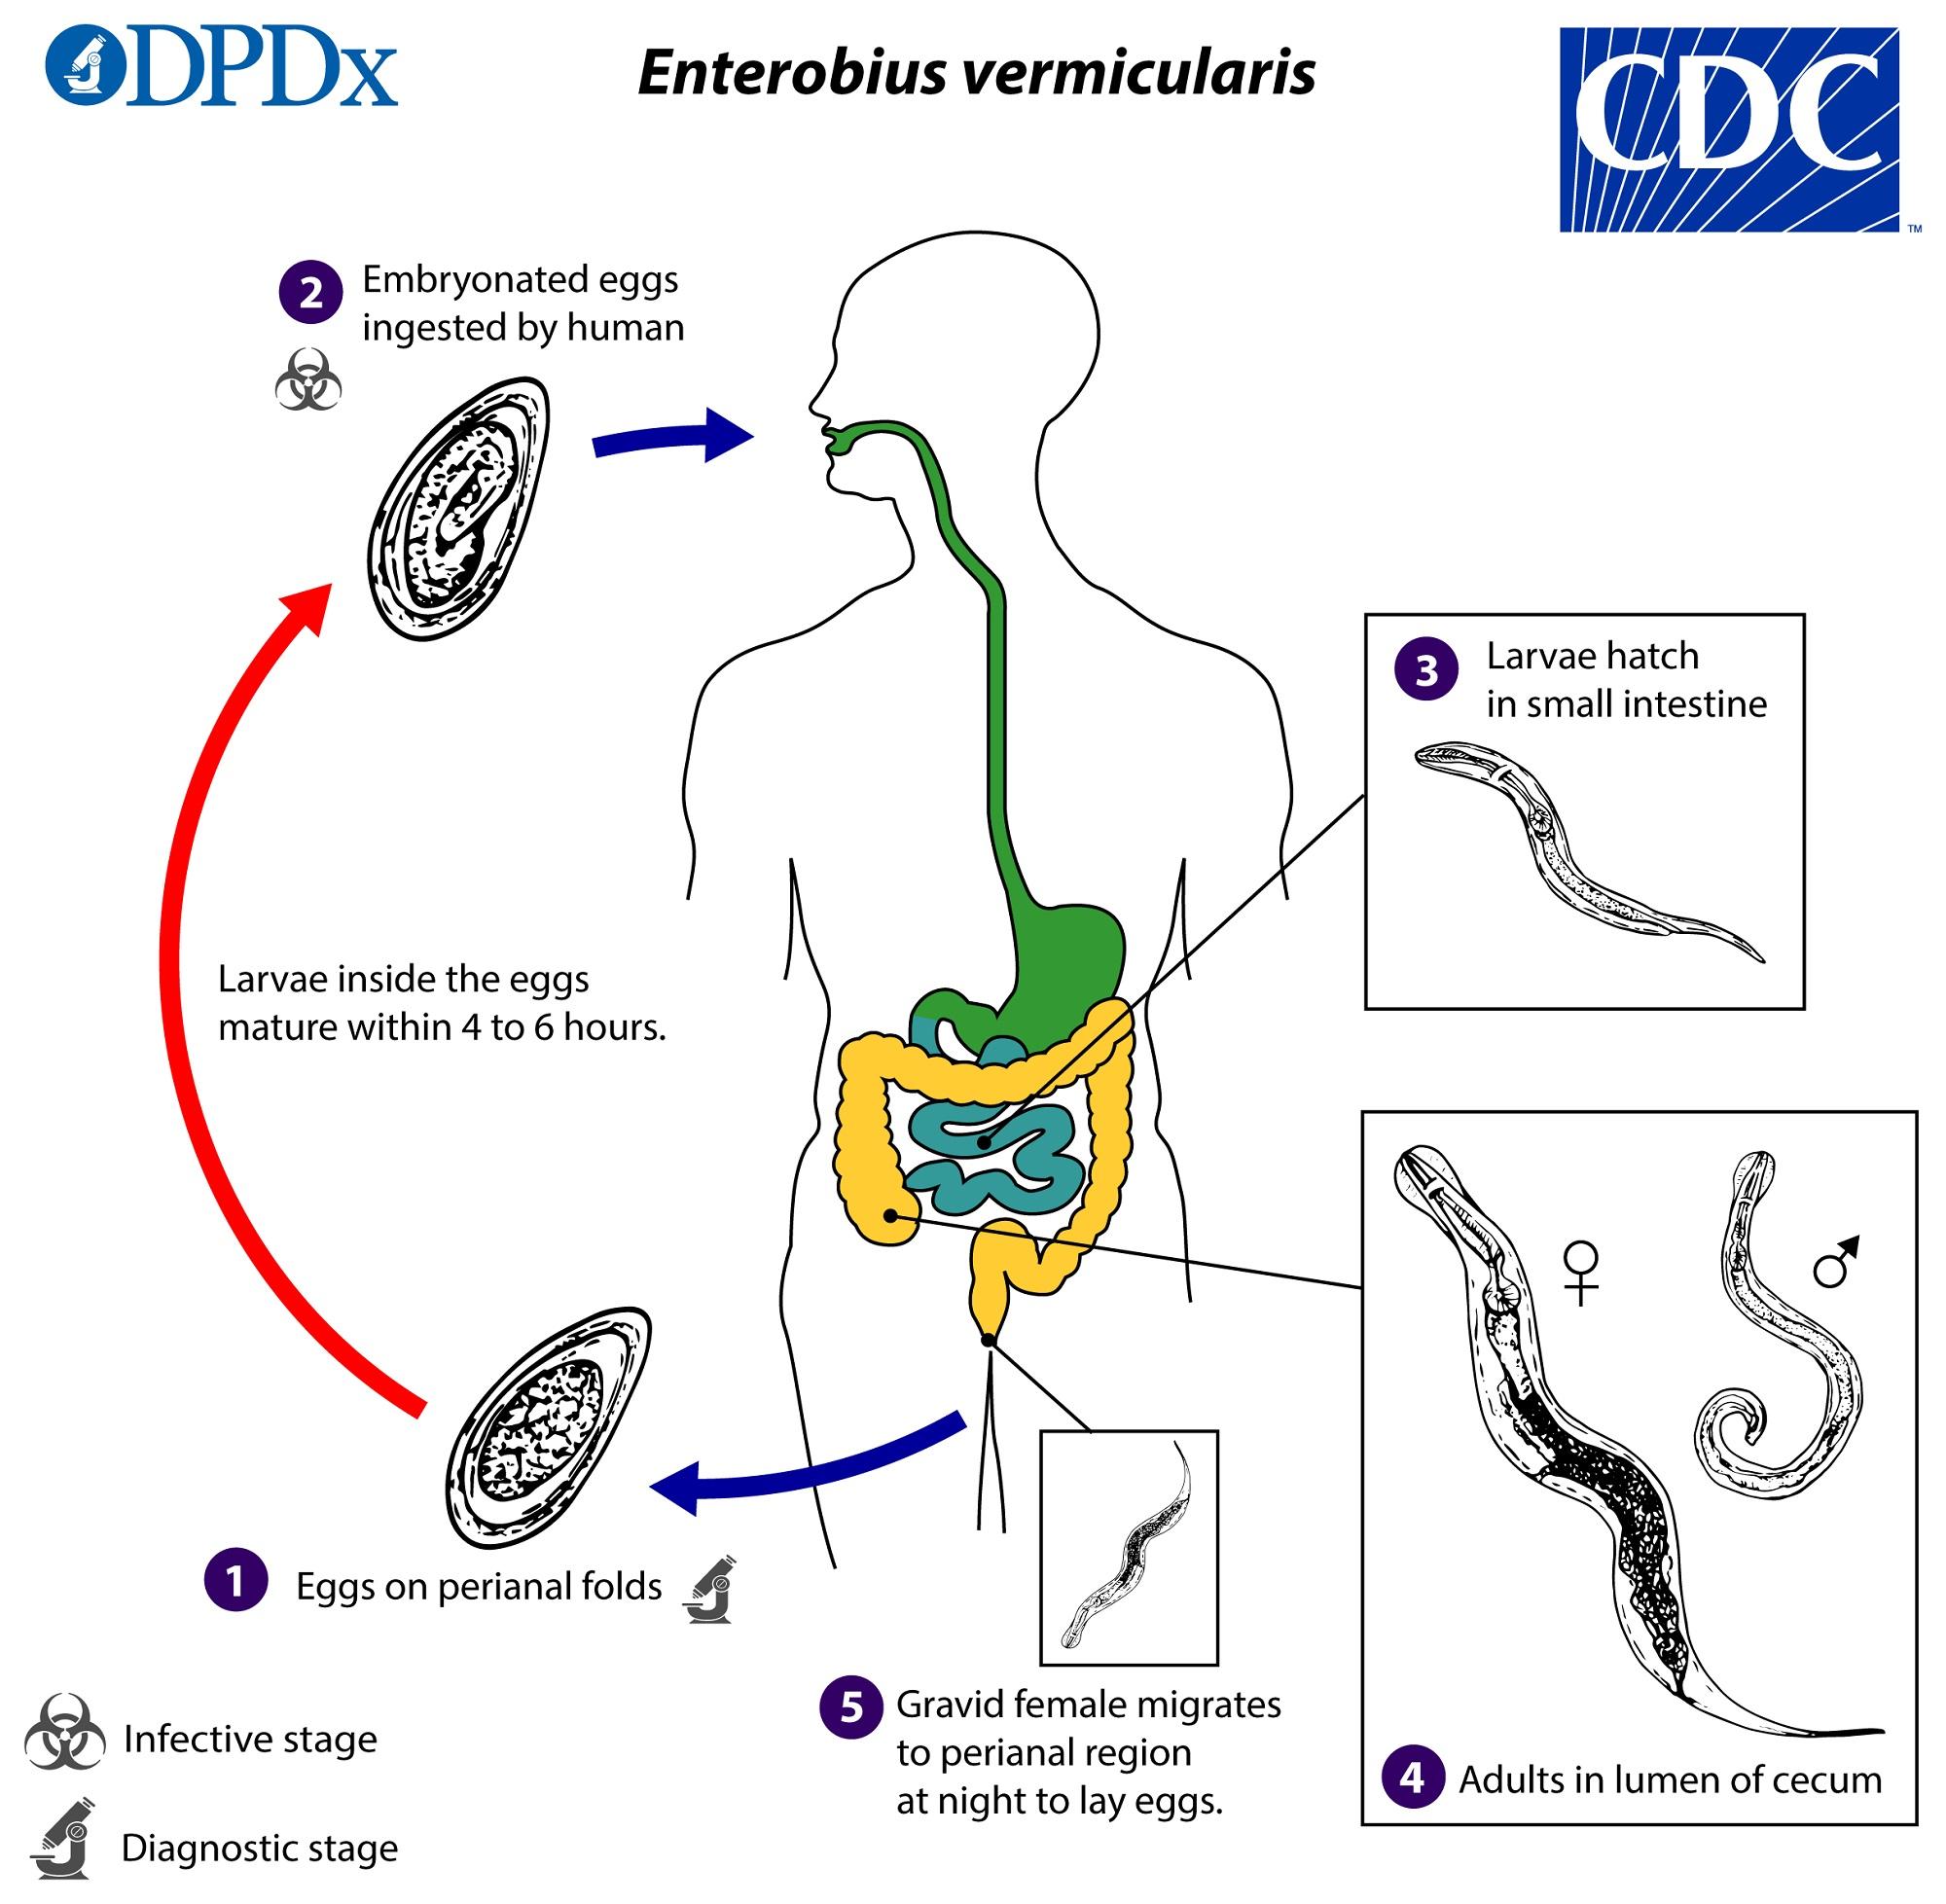 papillomavirus duree traitement